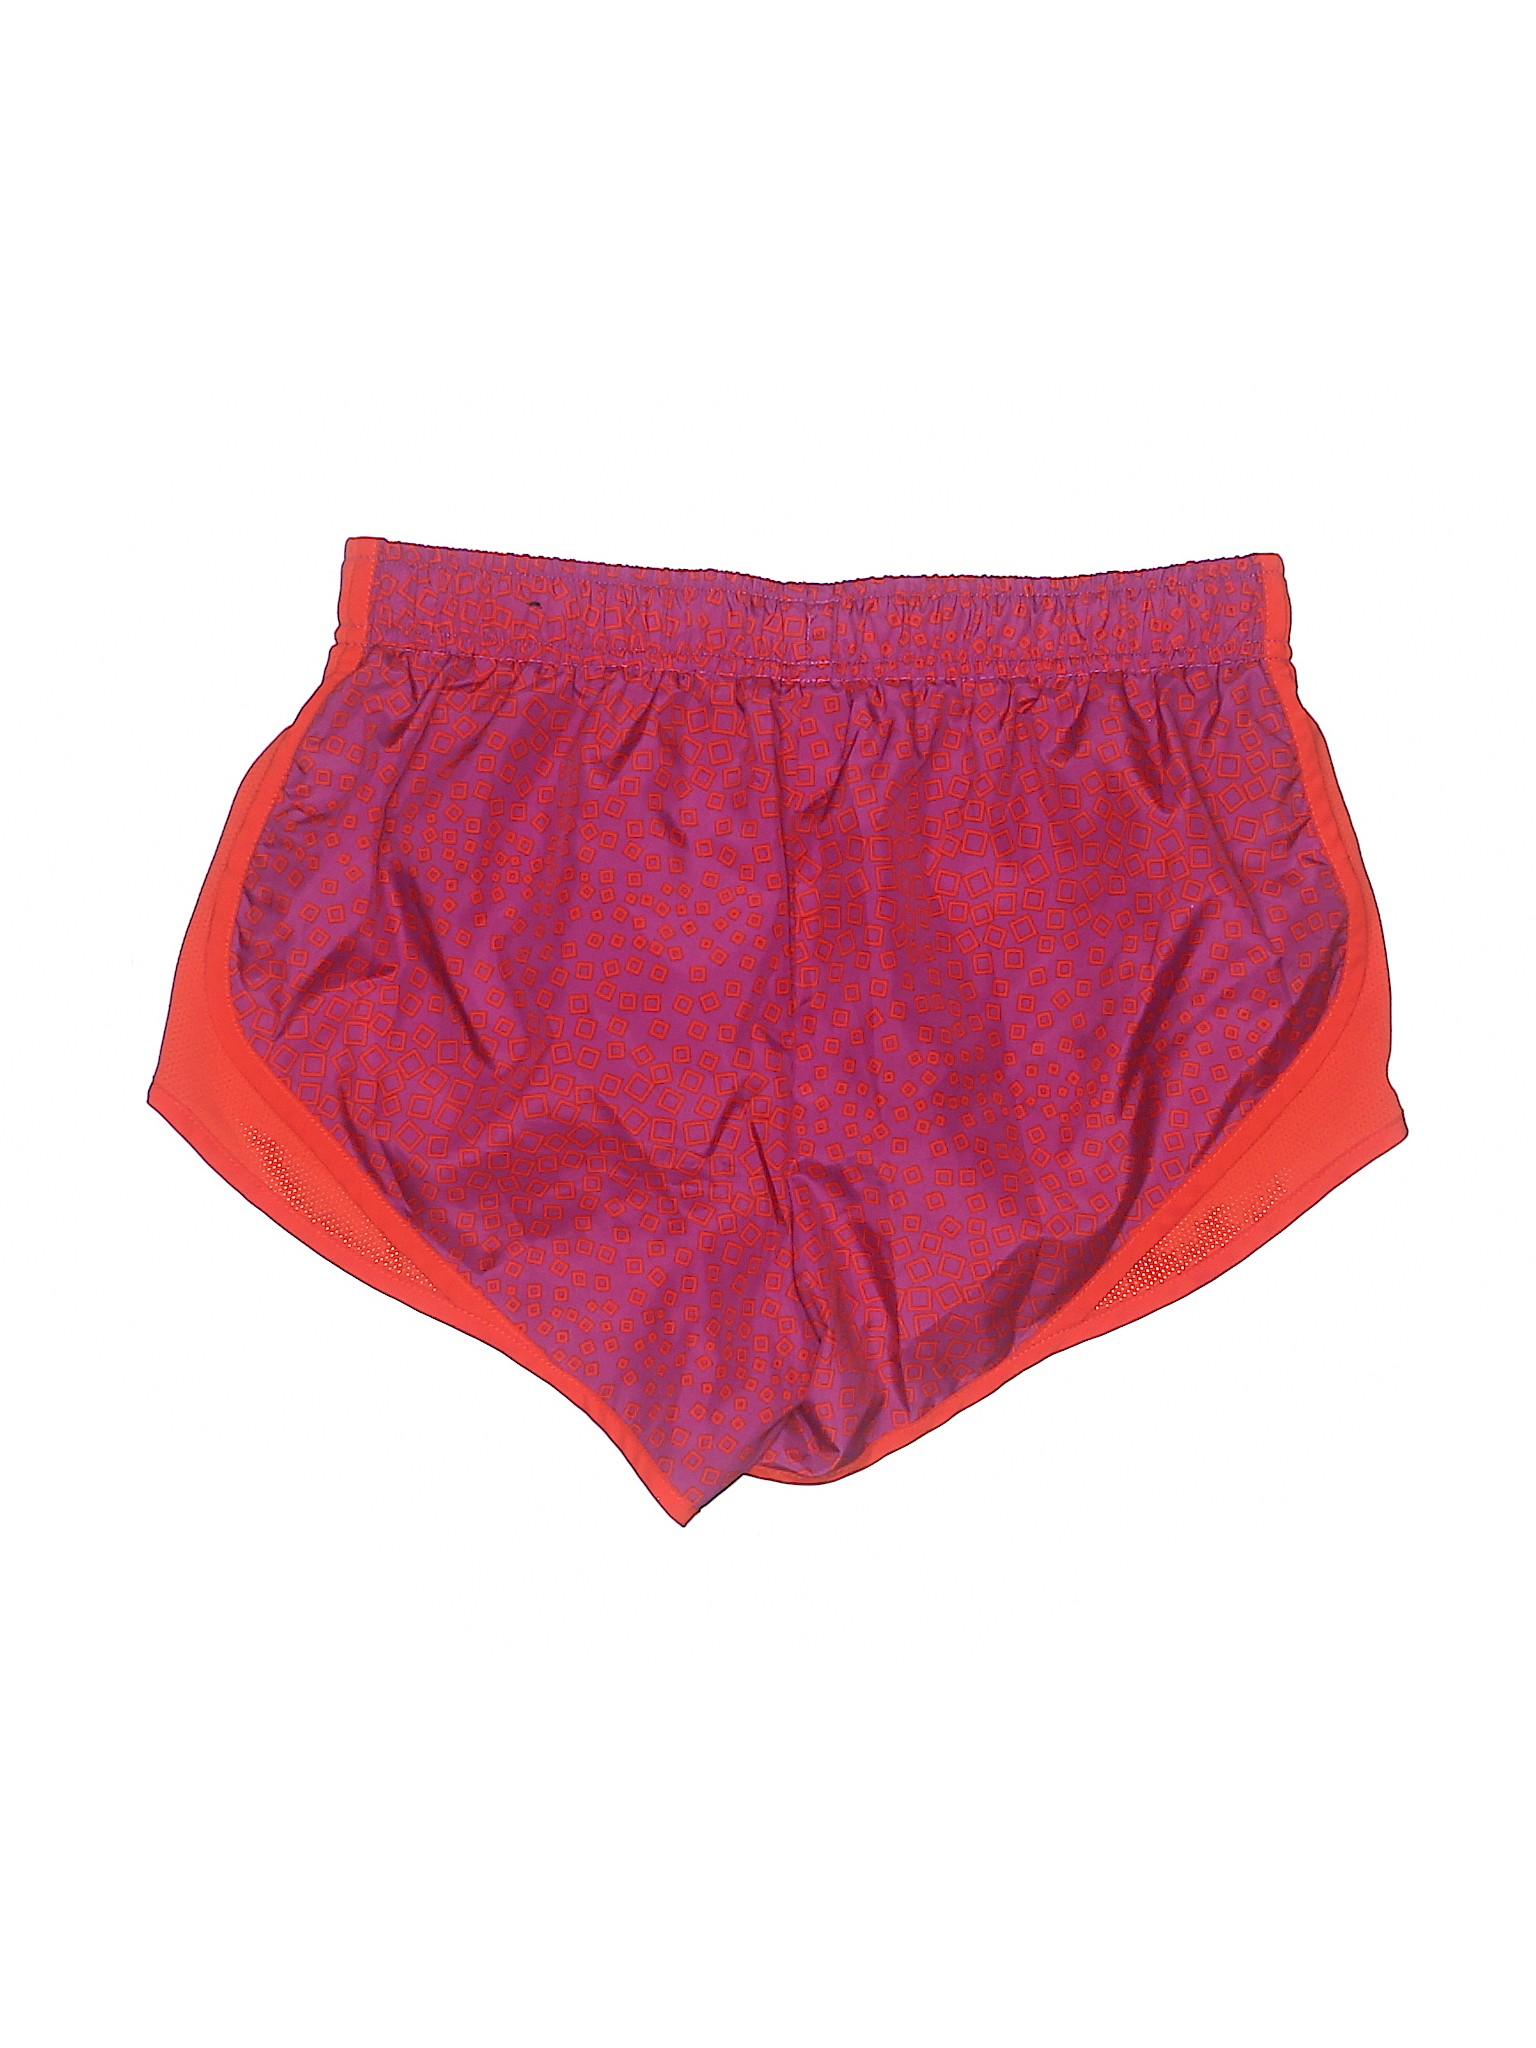 Boutique Shorts Athletic Boutique Boutique Xersion Xersion Shorts Xersion Shorts Athletic Athletic Athletic Shorts Boutique Xersion nqwFZ1FxA